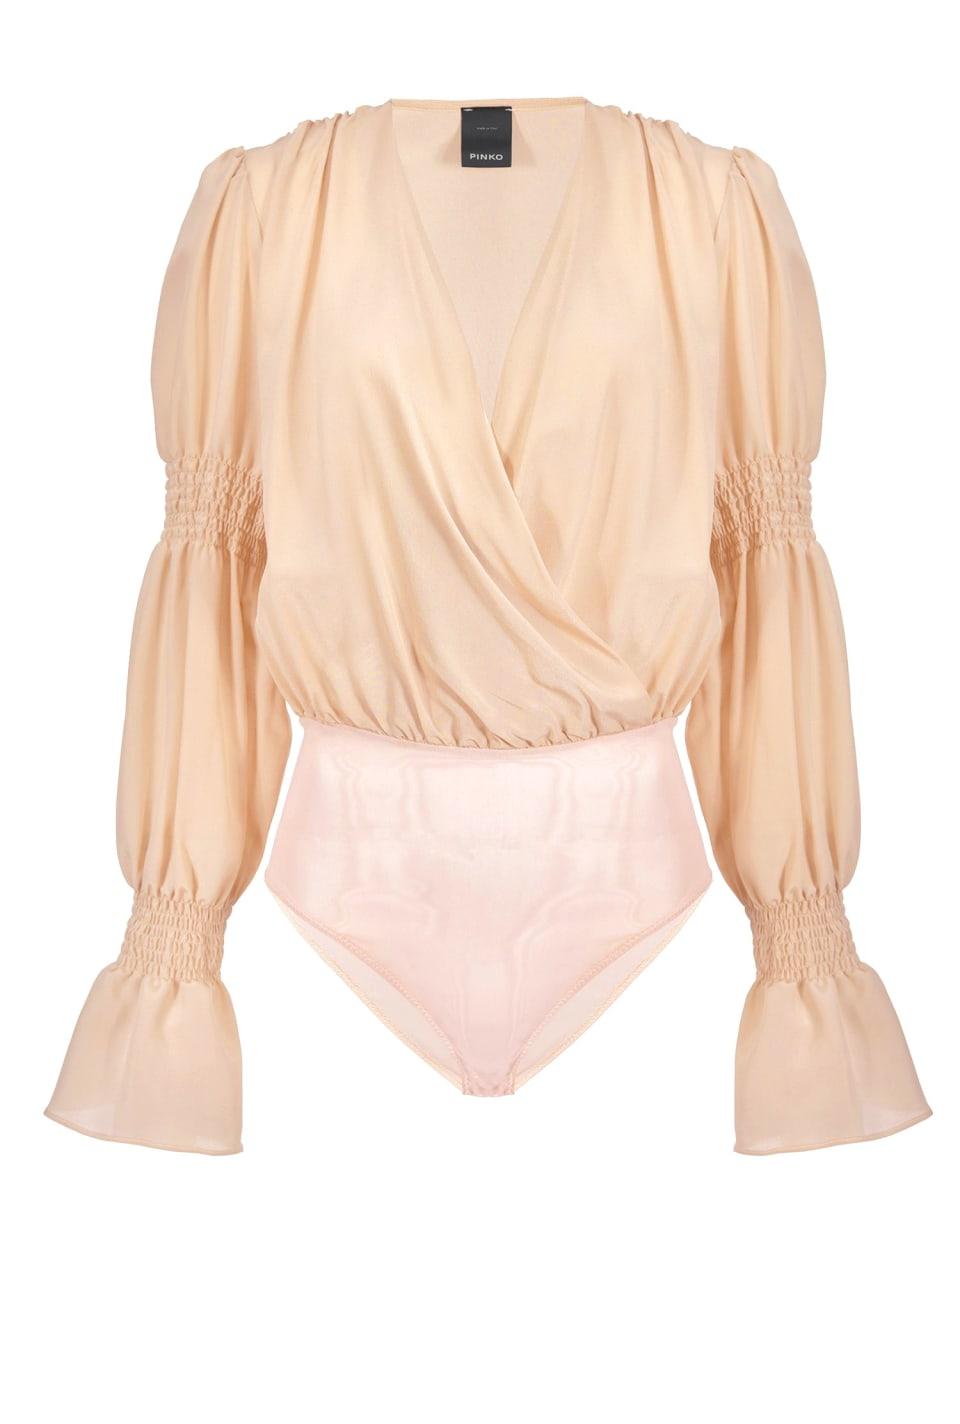 Silk crepe de chine bodysuit blouse